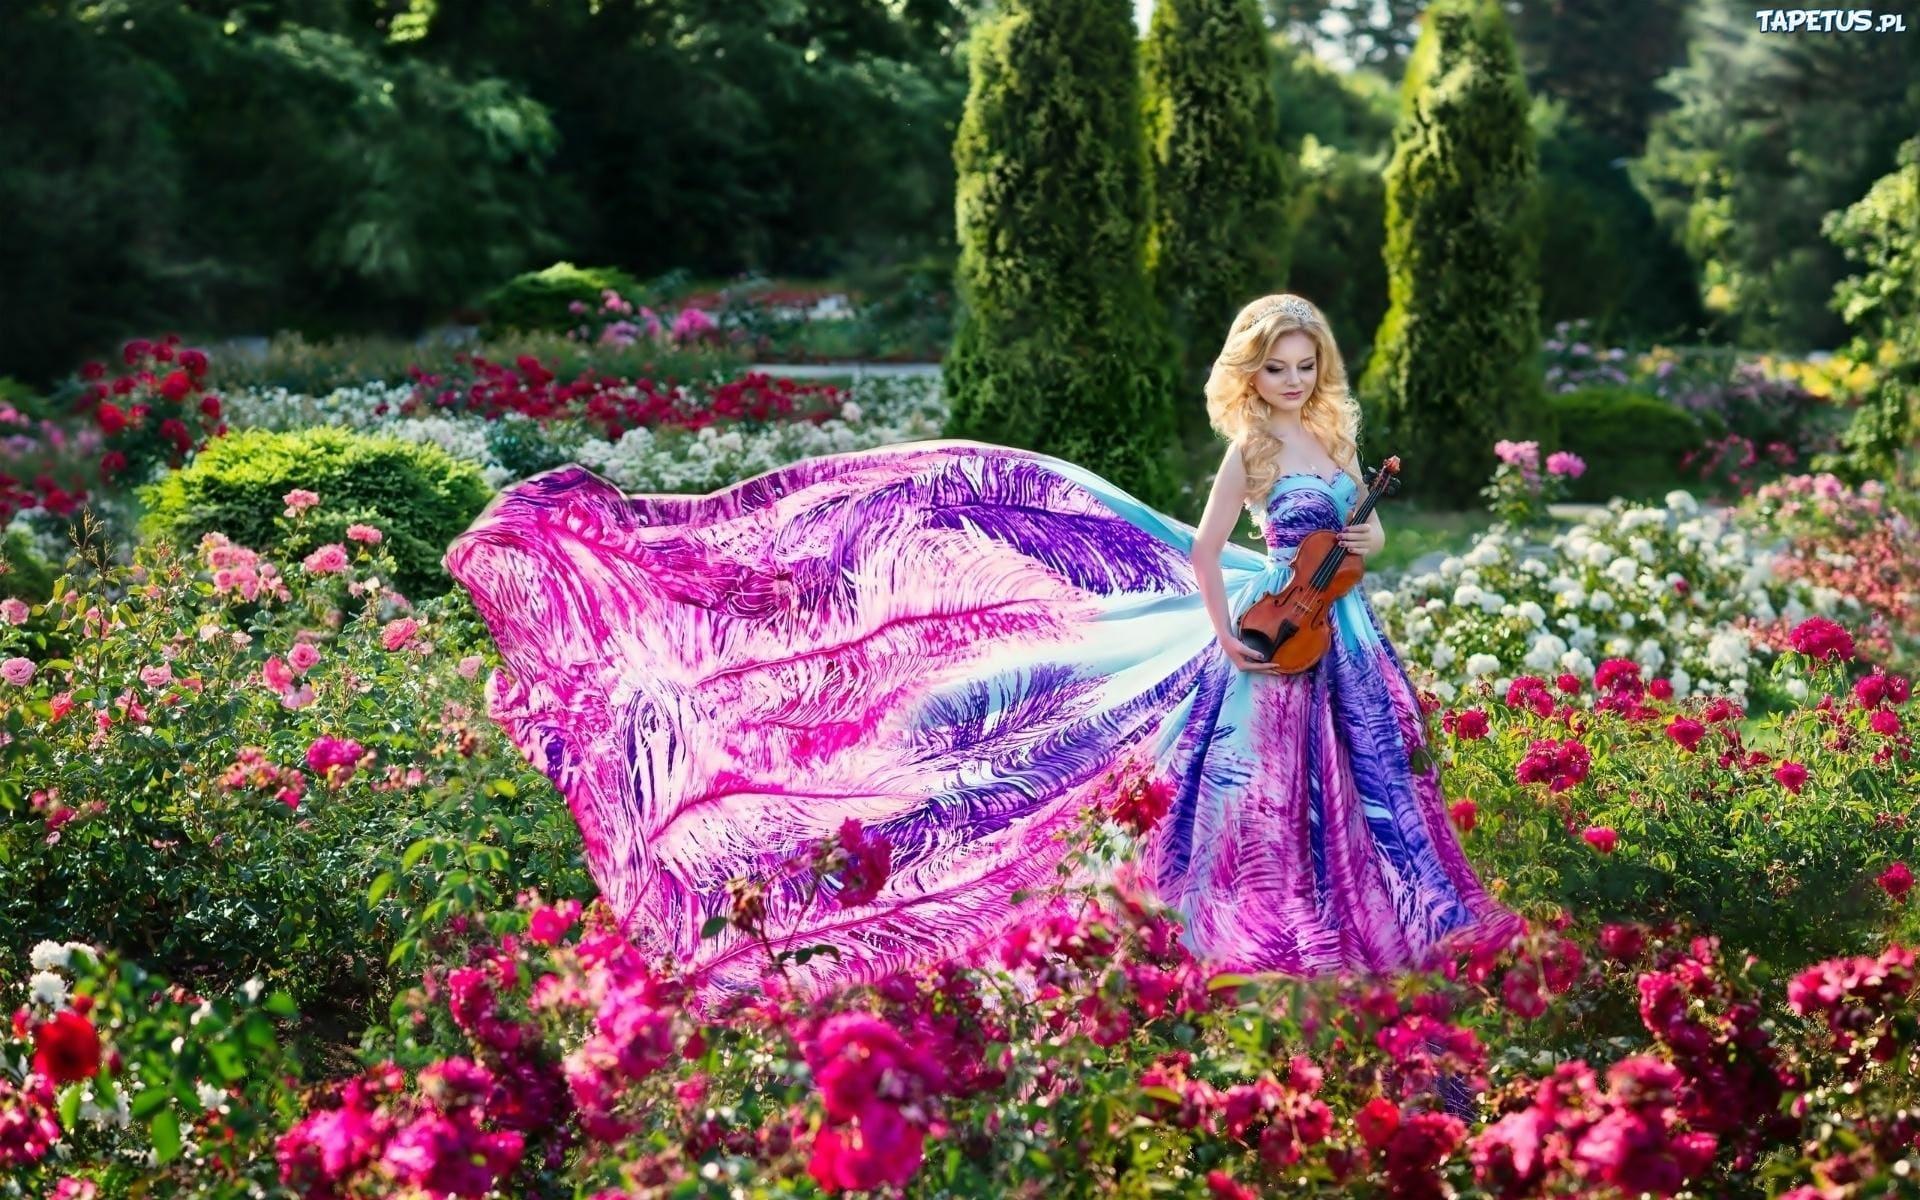 obrazki n 210970 park klomby kwiaty kobieta kolorowa sukienka